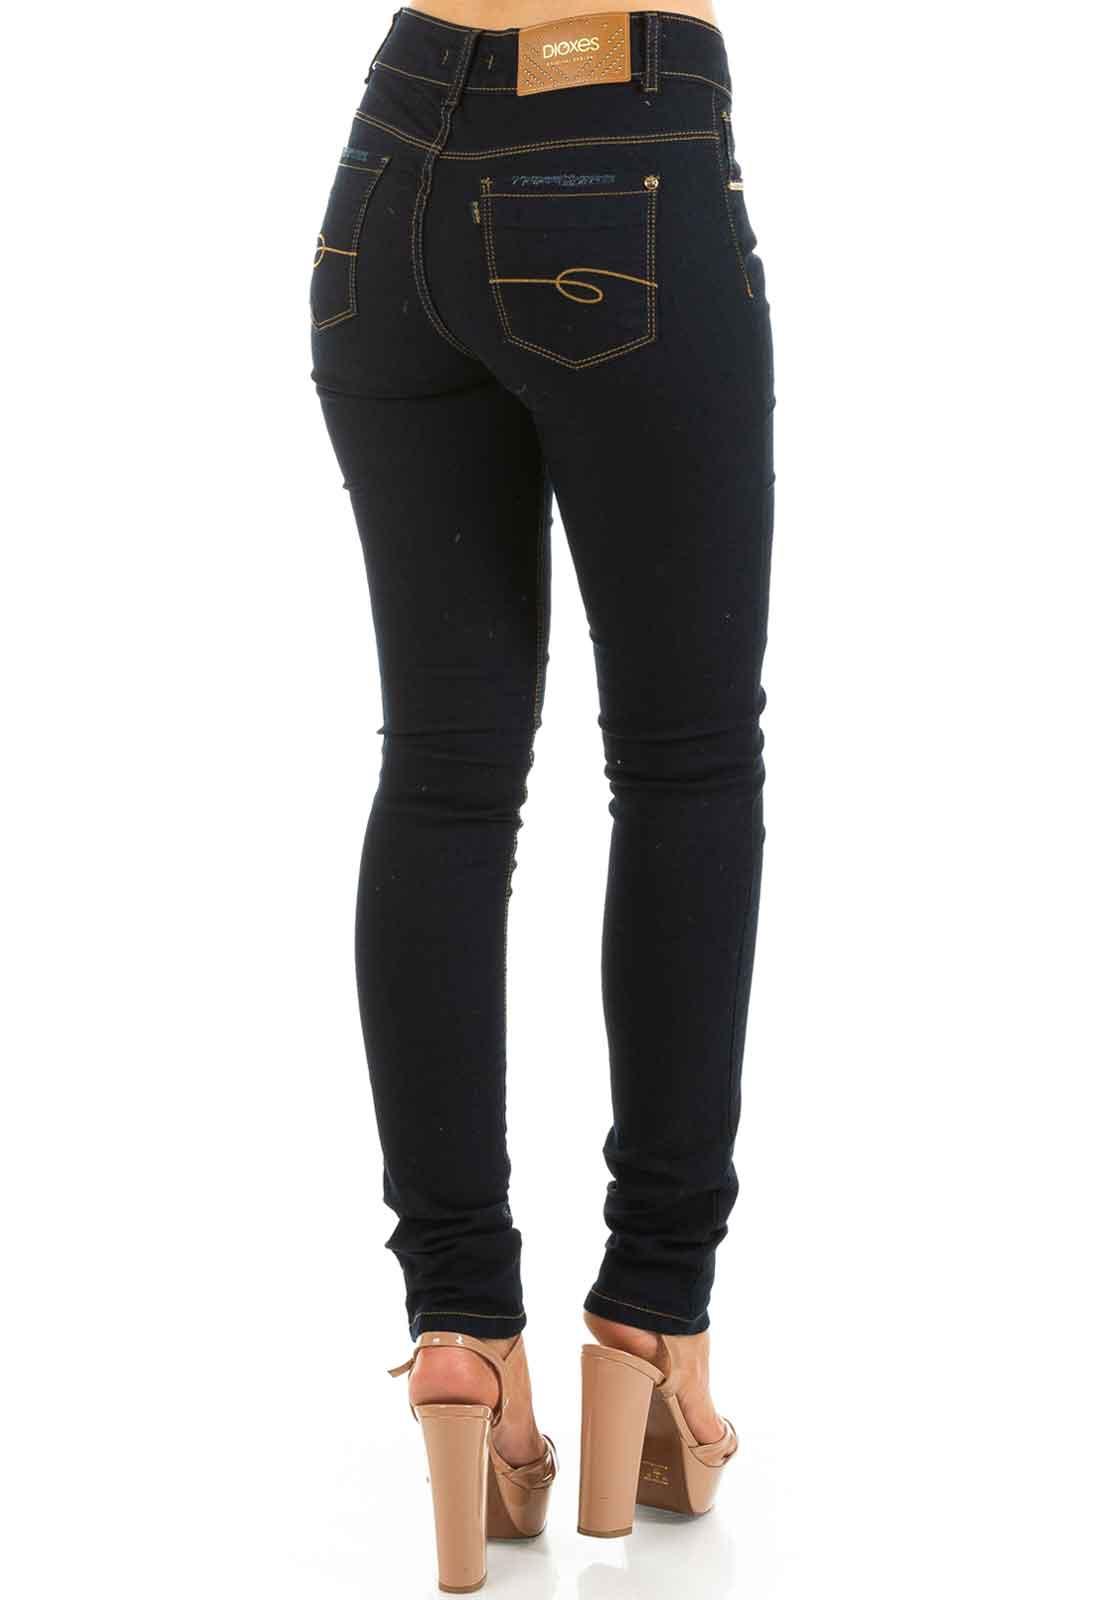 c422097e3 Calça Jeans Feminina Cintura Alta Skinny Azul Marinho - Dioxes Jeans